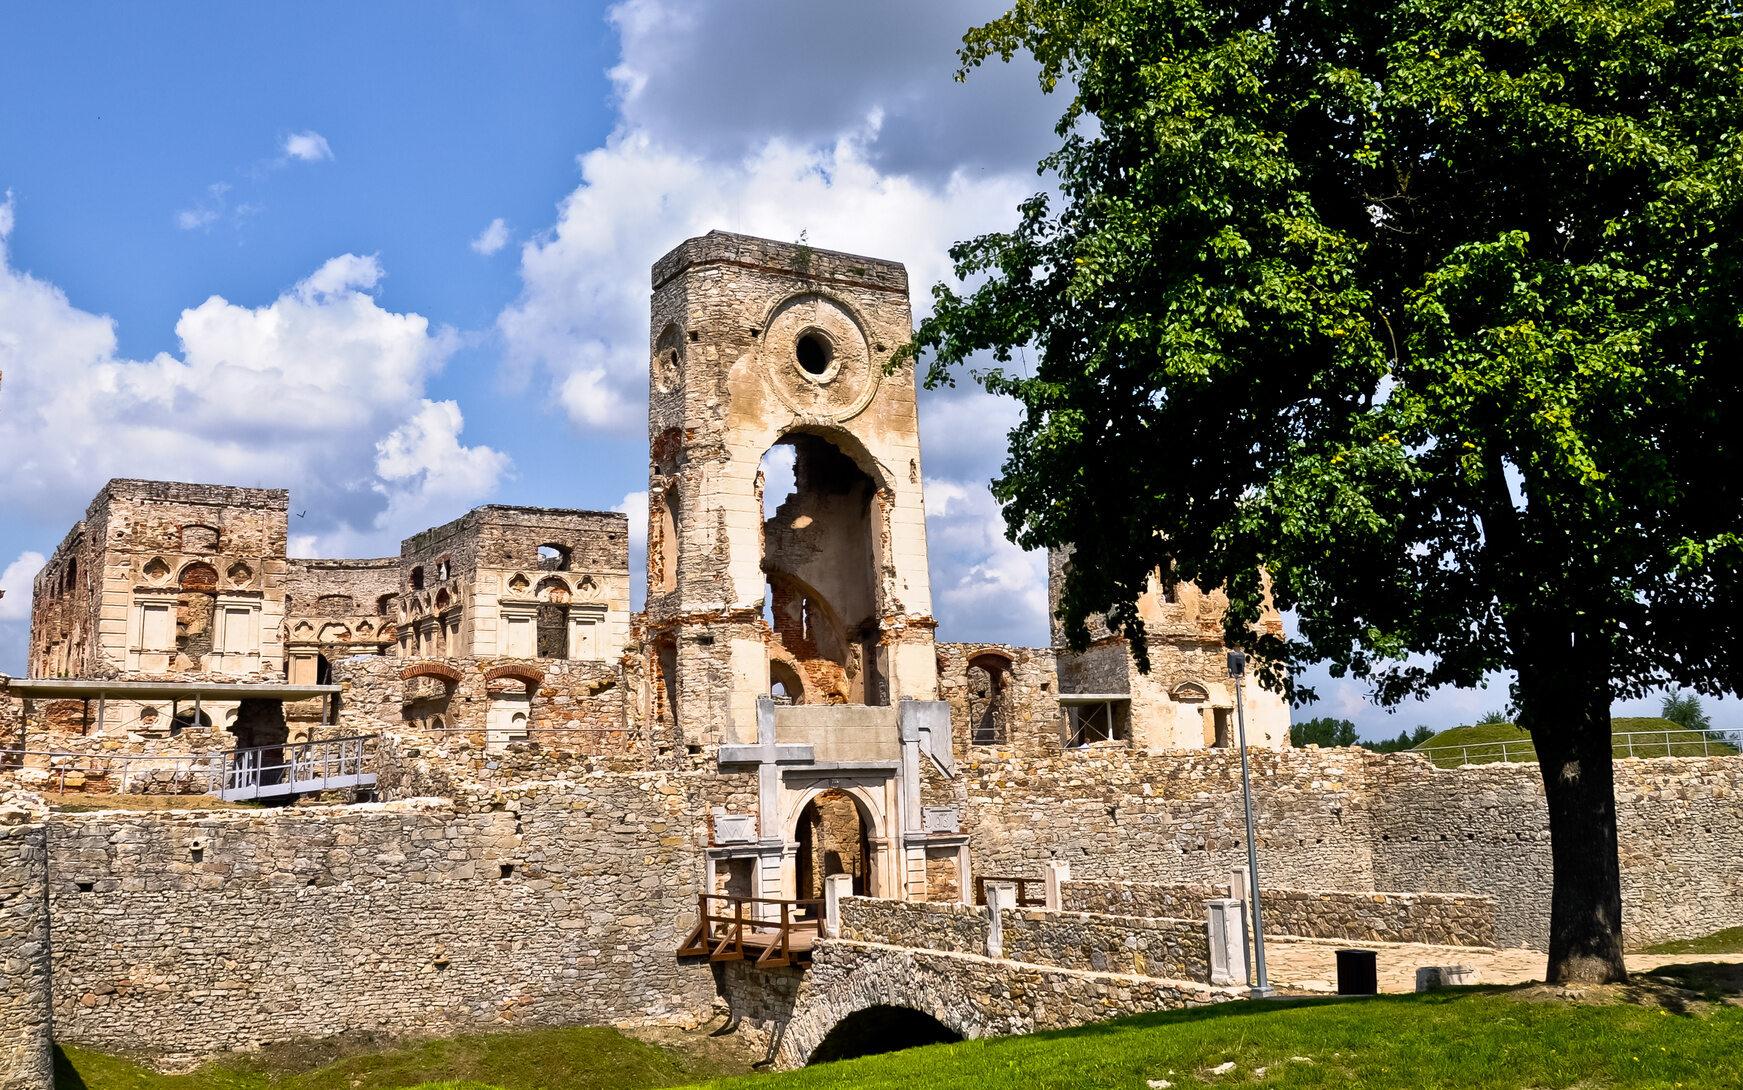 Krzyżtopór, Polska Zbudowany w XVII wieku w miejscowości Ujazd w województwie świętokrzyskim. Do czasu powstania Wersalu była to największa rezydencja pałacowa w Europie. Zamek został zniszczony i rozgrabiony przez wojska szwedzkie. Ostatecznie porzucony został w 1787 roku.